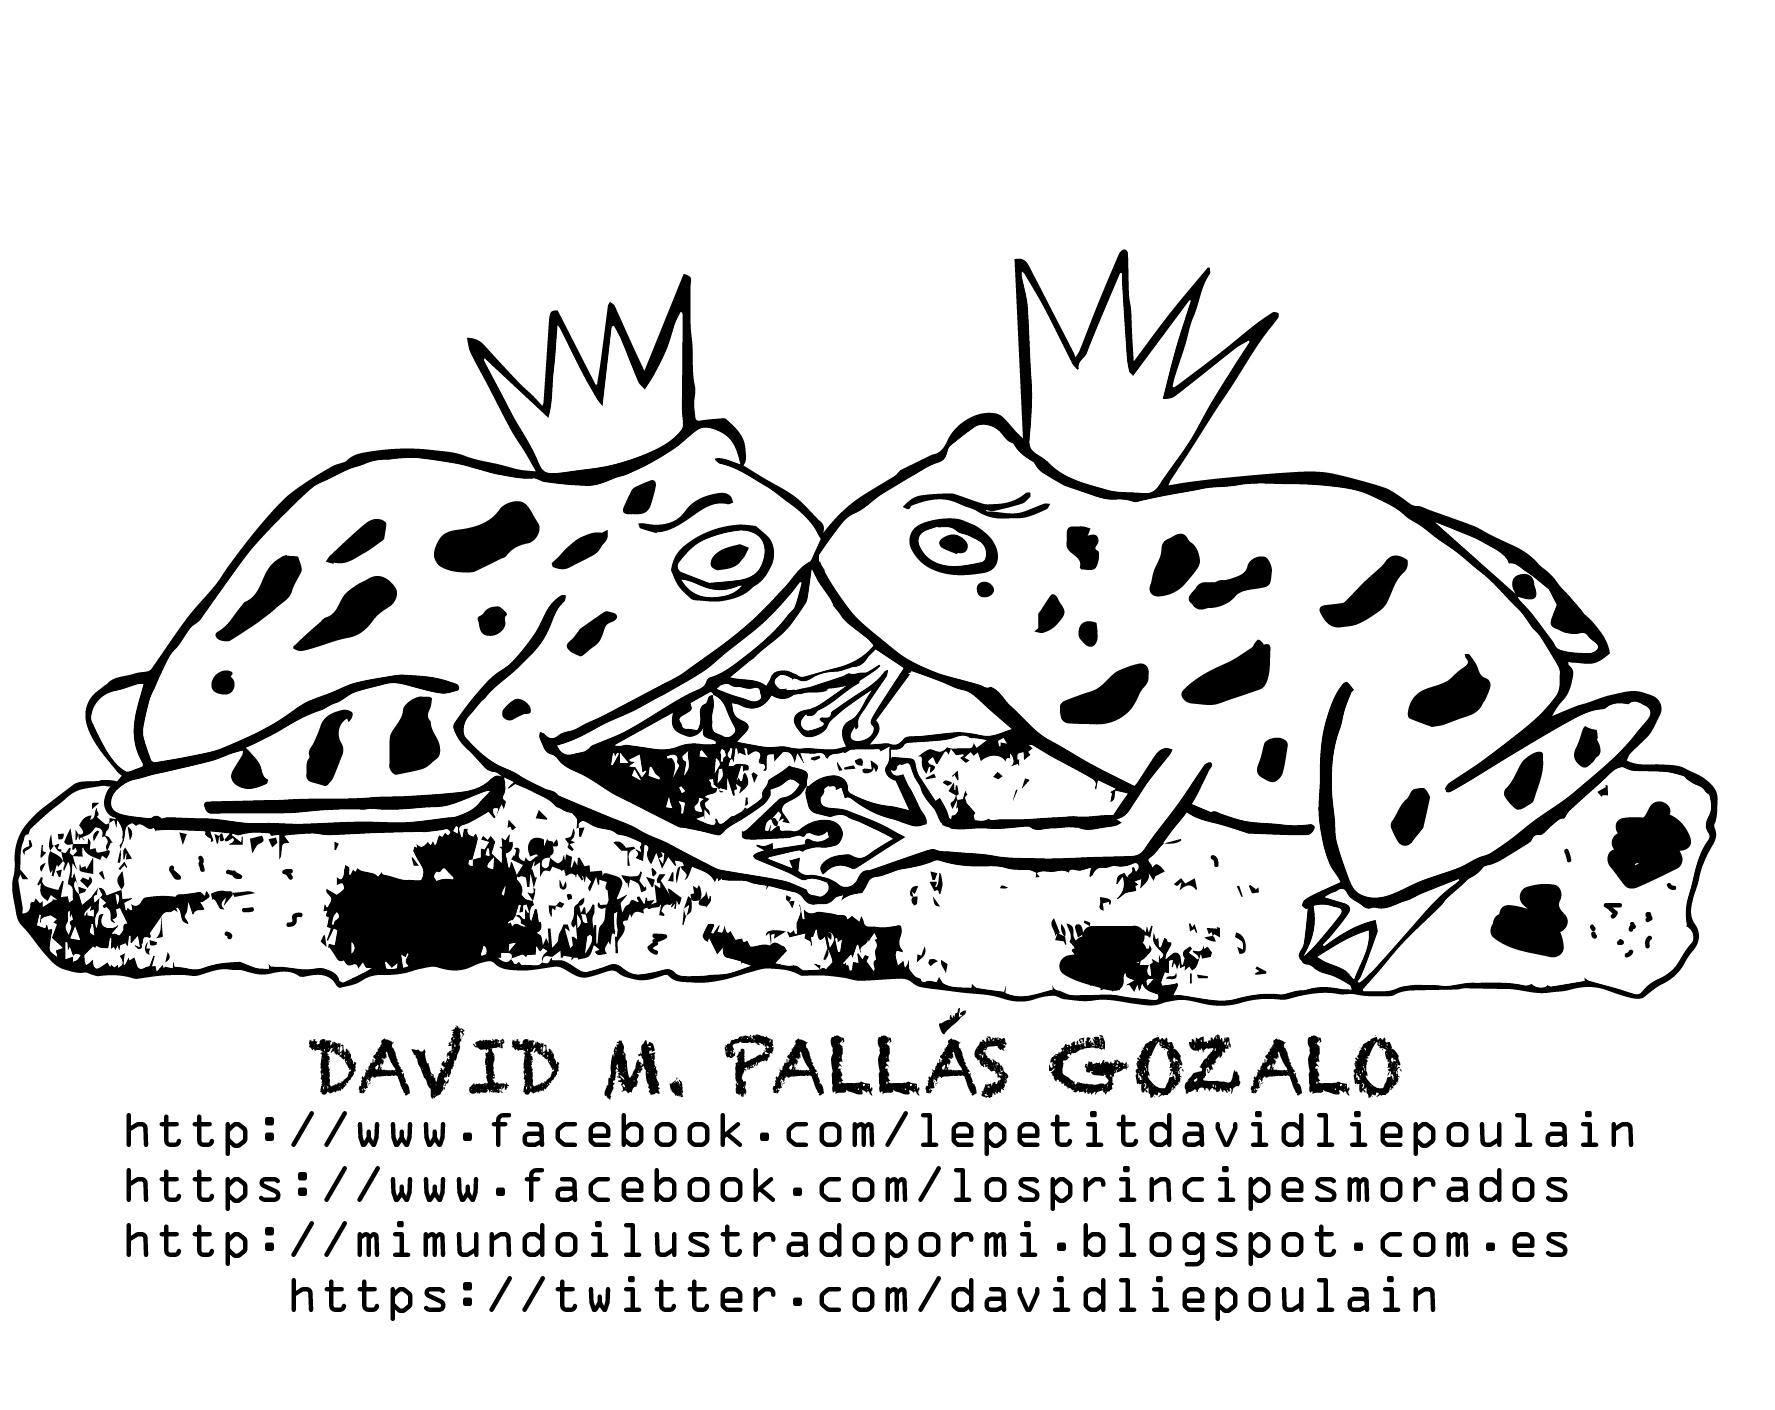 Los Príncipes Morados_LogoRanas_David Pallás Gozalo